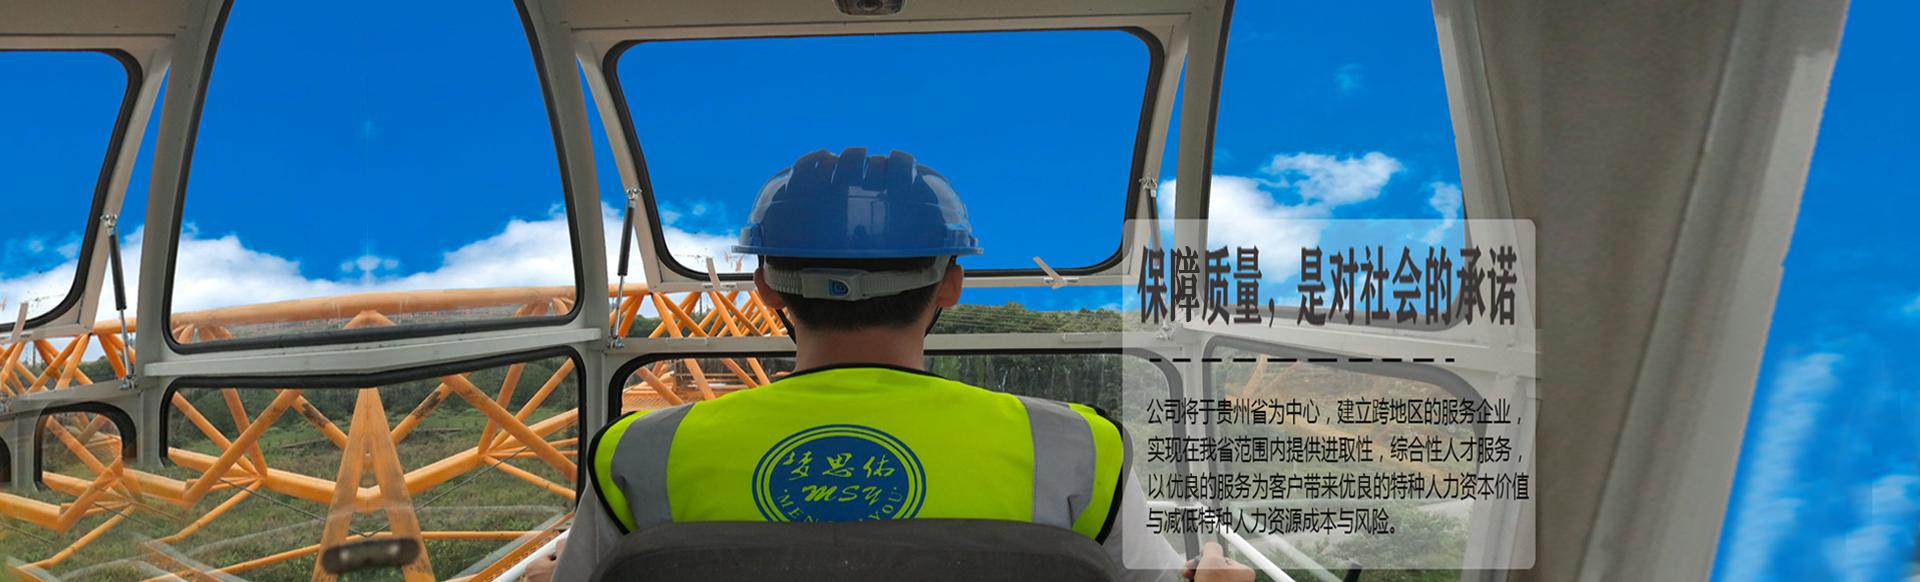 贵州塔吊司机